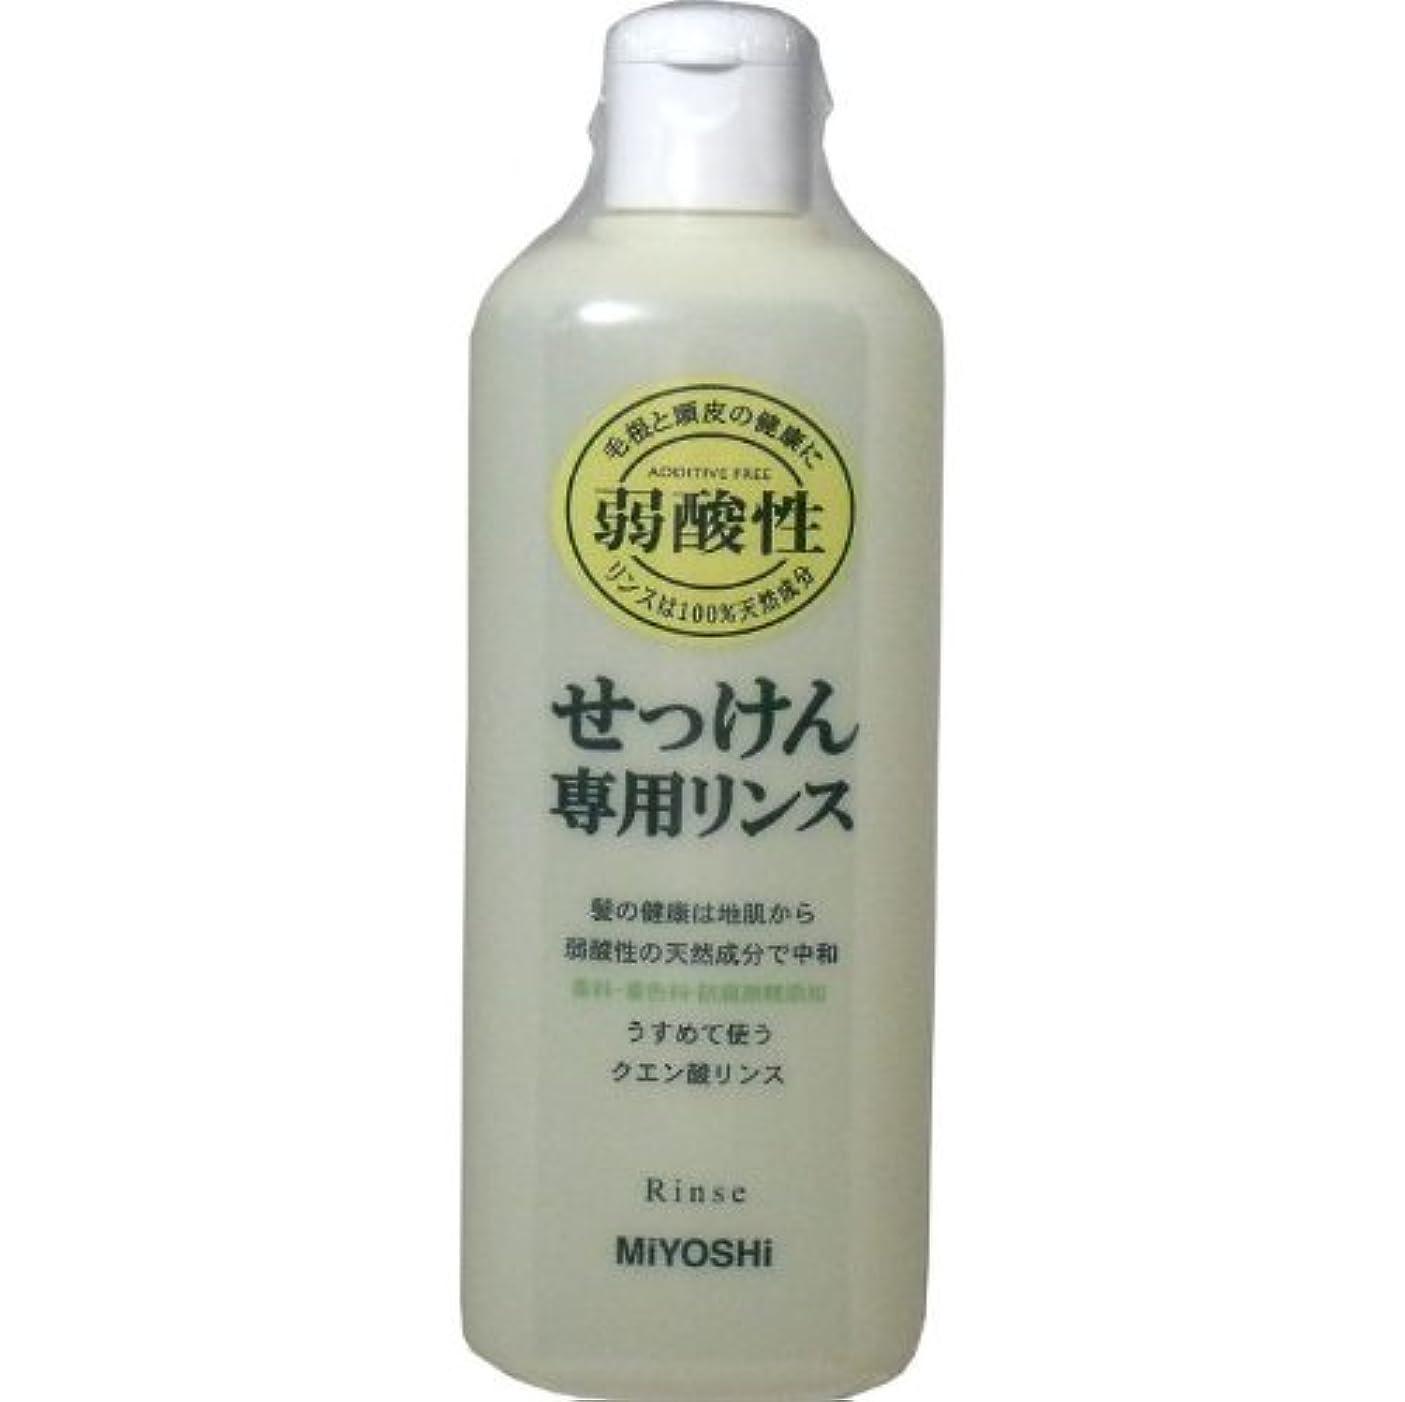 髪の健康は地肌から、弱酸性の天然成分で中和!!香料、防腐剤、着色料無添加!うすめて使うクエン酸リンス!リンス 350mL